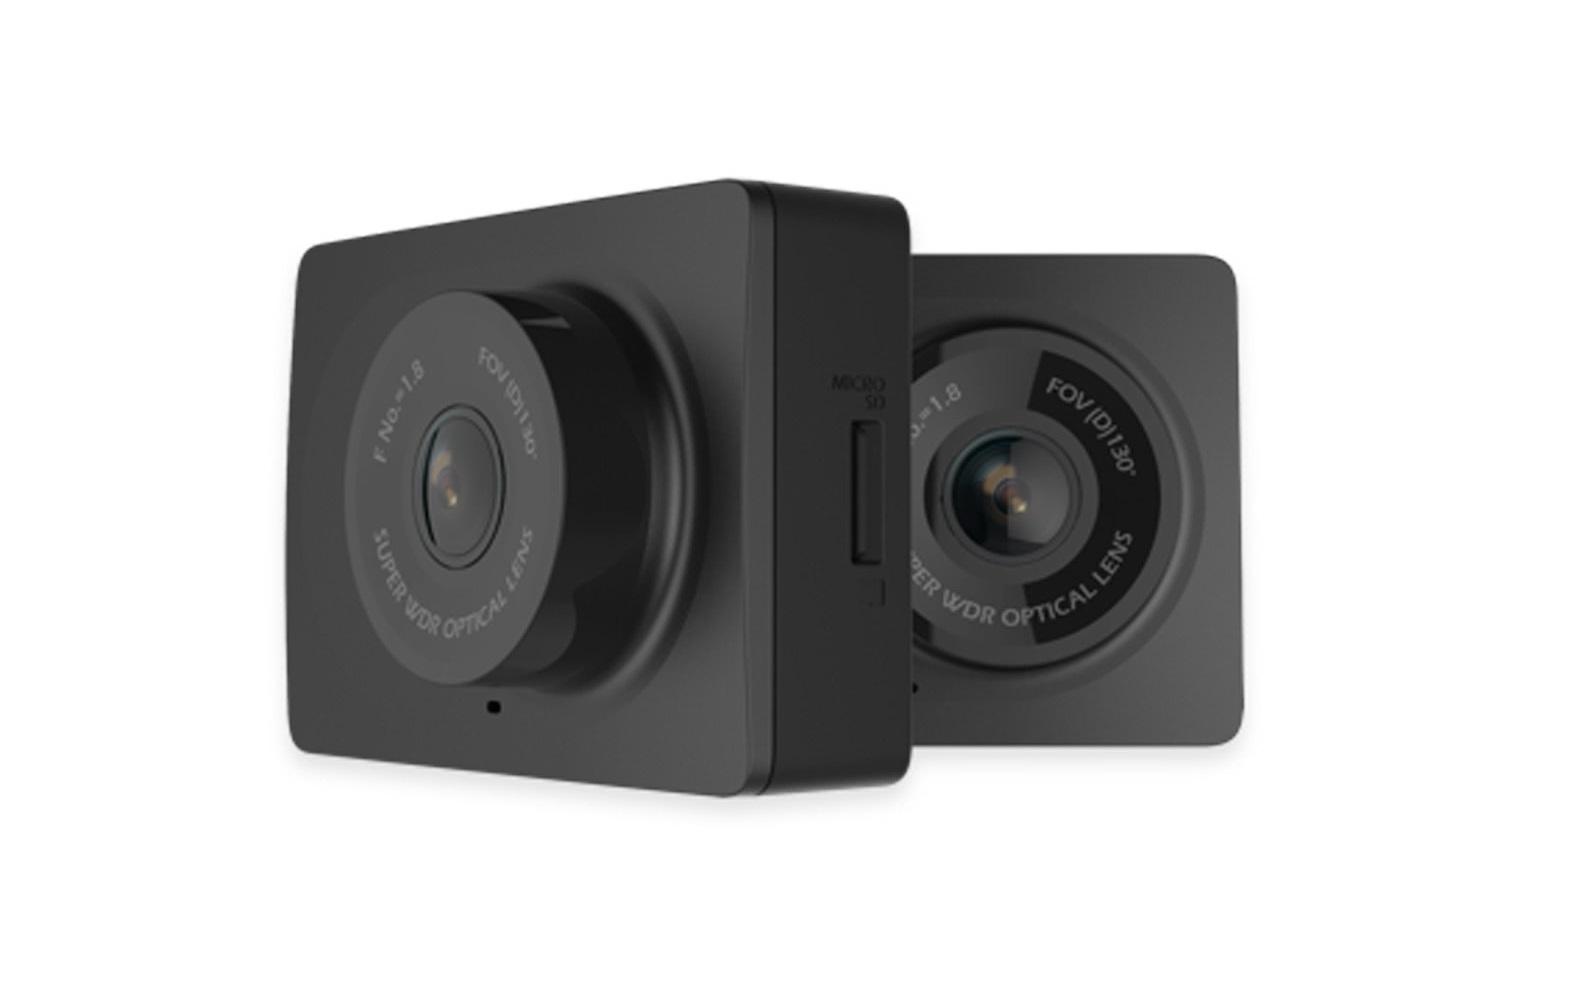 Autokamera Xiaomi Yi nyní s výraznou slevou [sponzorovaný článek]